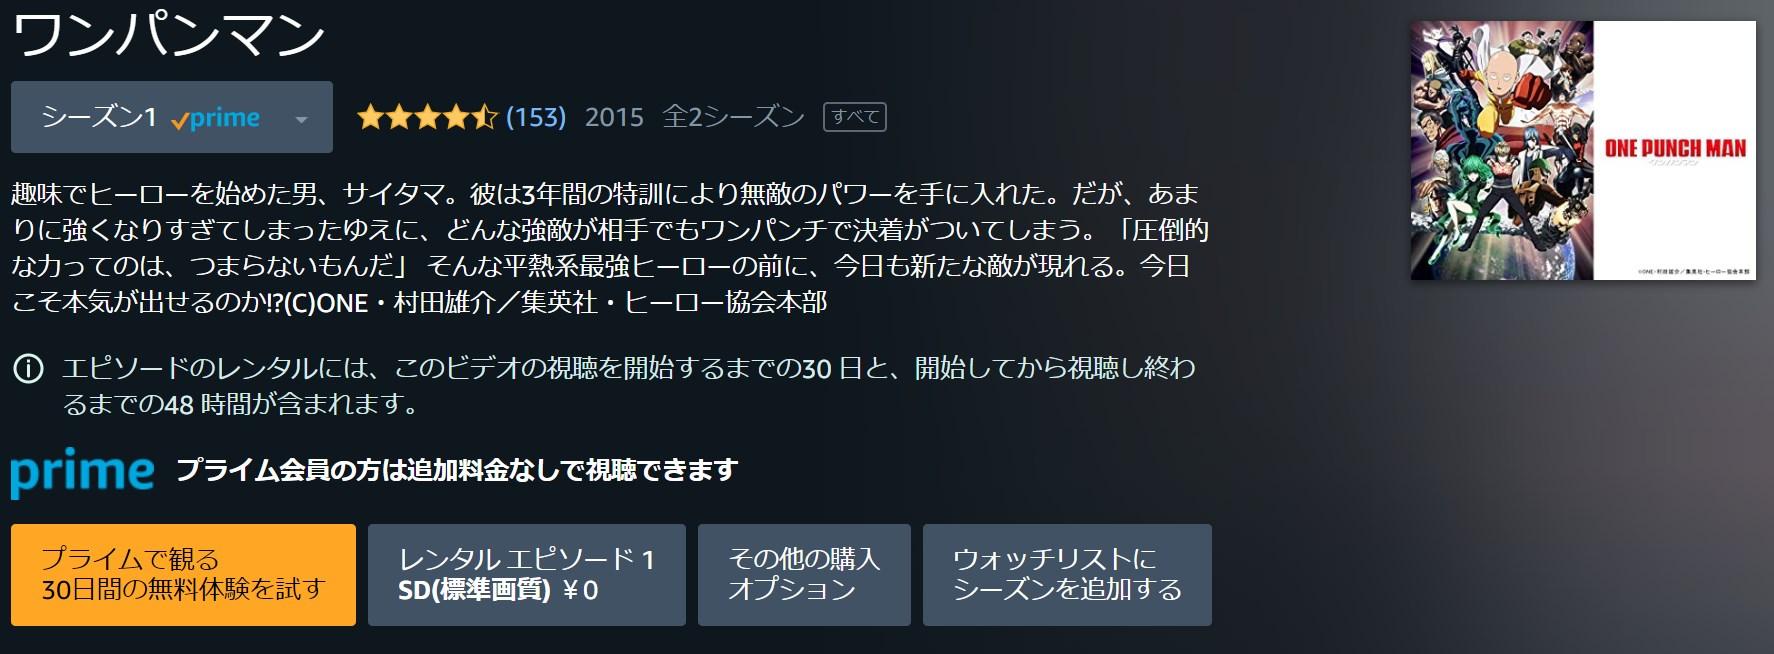 アニメ「ワンパンマン」1期・2期が高画質で視聴できる動画配信サービスAmazonプライムビデオ